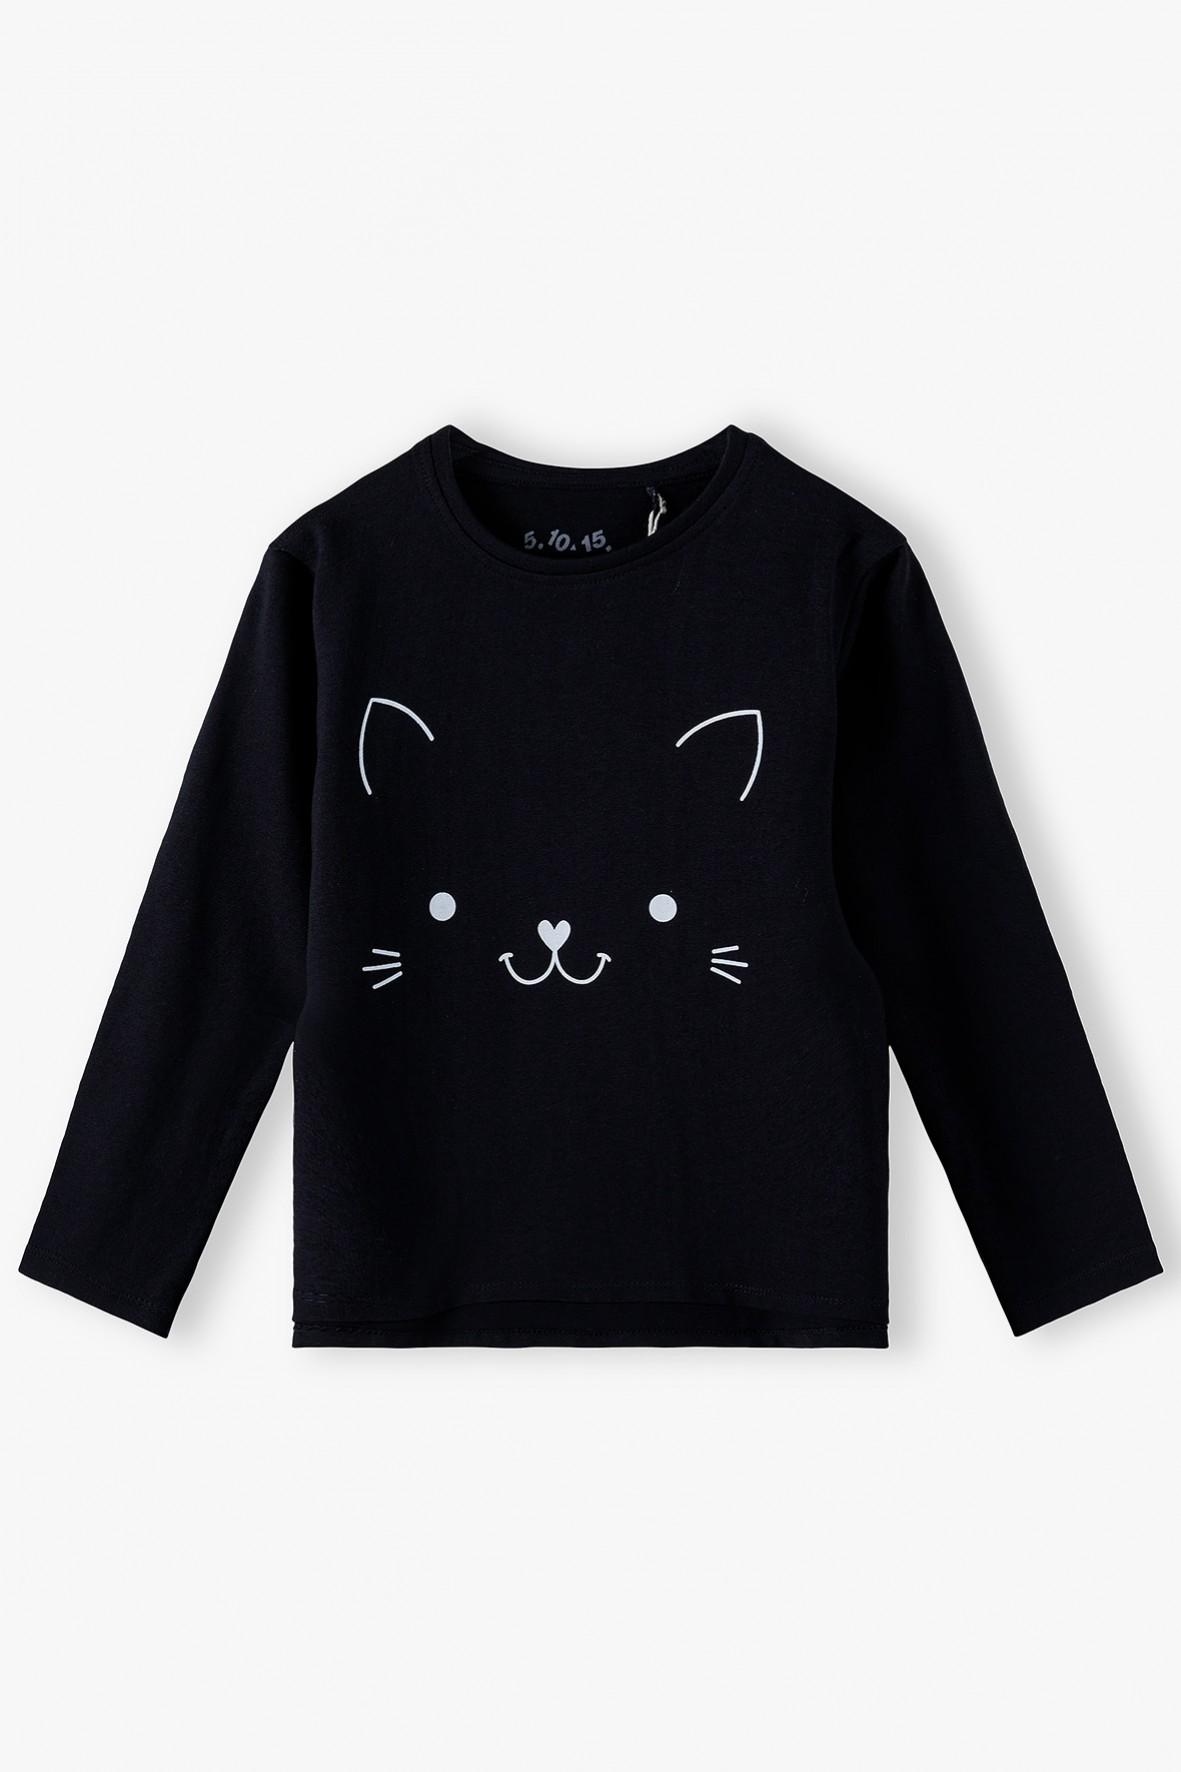 Czarna bluzka dziewczęca z kotkiem - długi rękaw